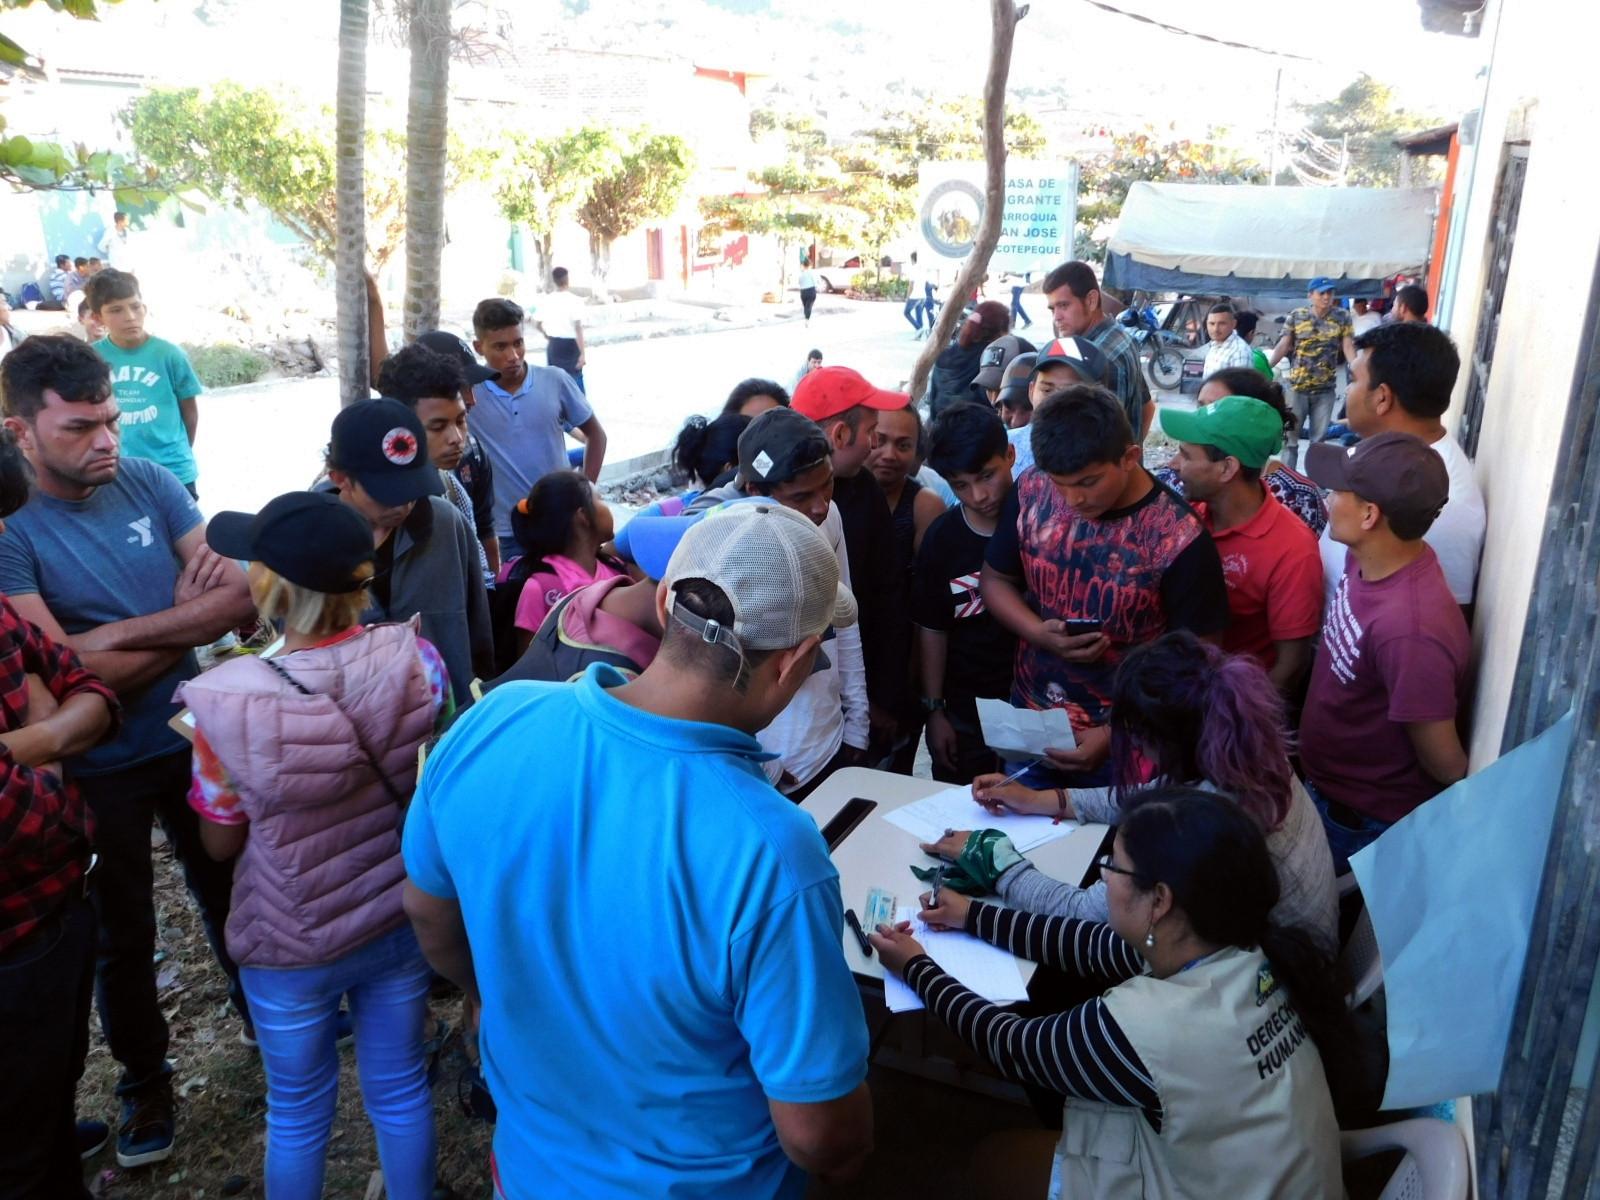 Defensores de derechos humanos acompañan las caravanas y recopilan información sobre las razones o el motivo de abandono del país. La persecución política es una de las causas que ha ido en aumento.